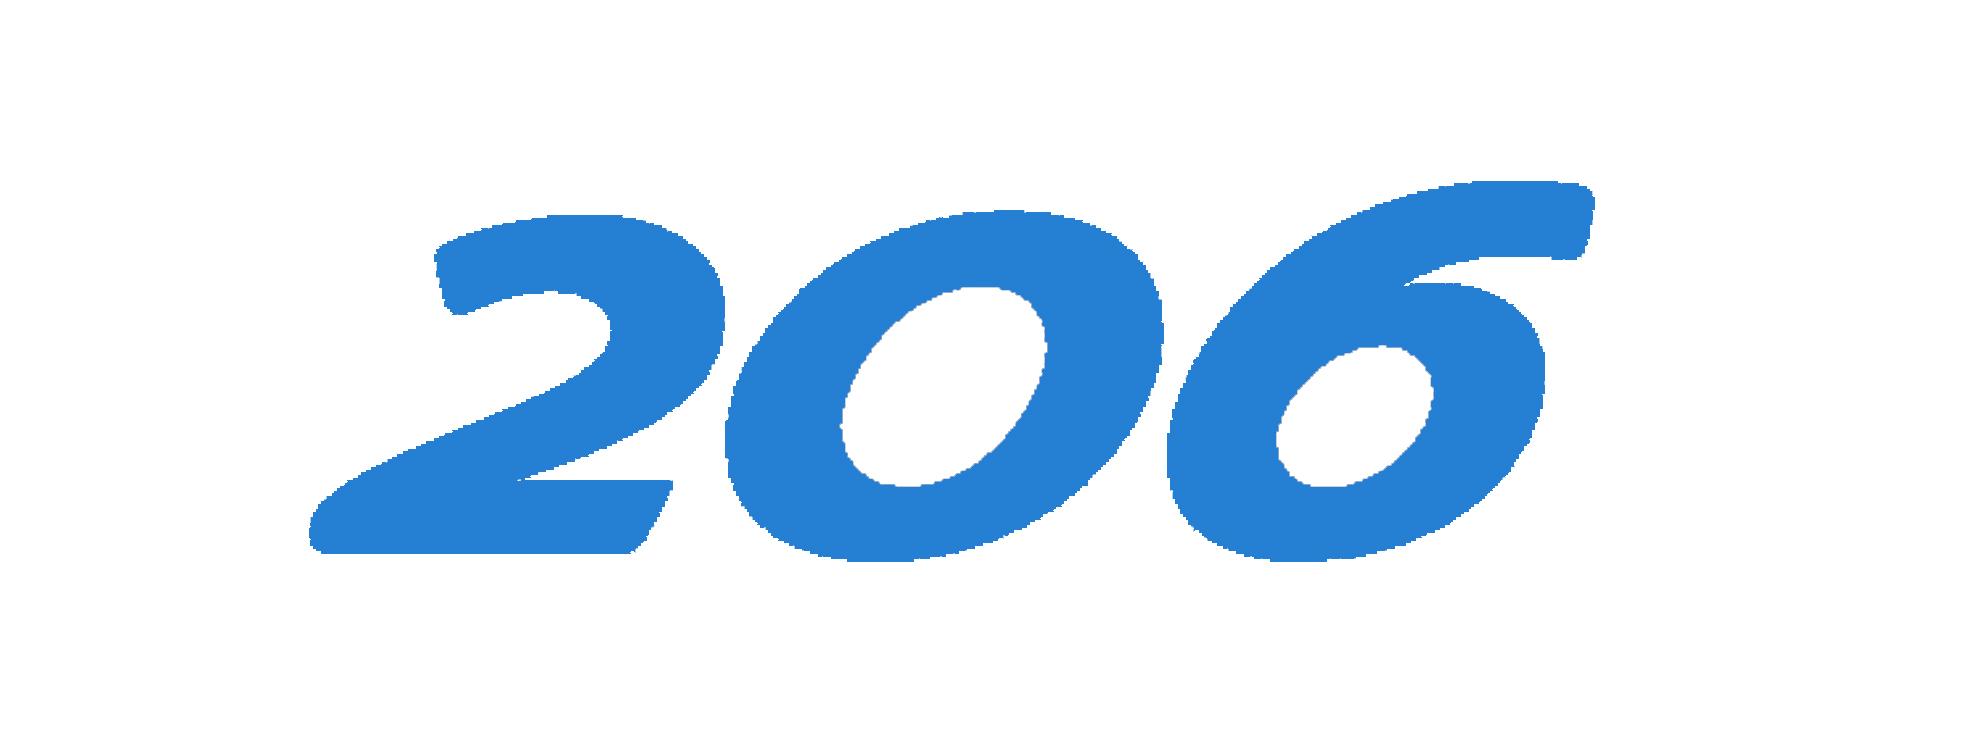 206 blue on silverjpg